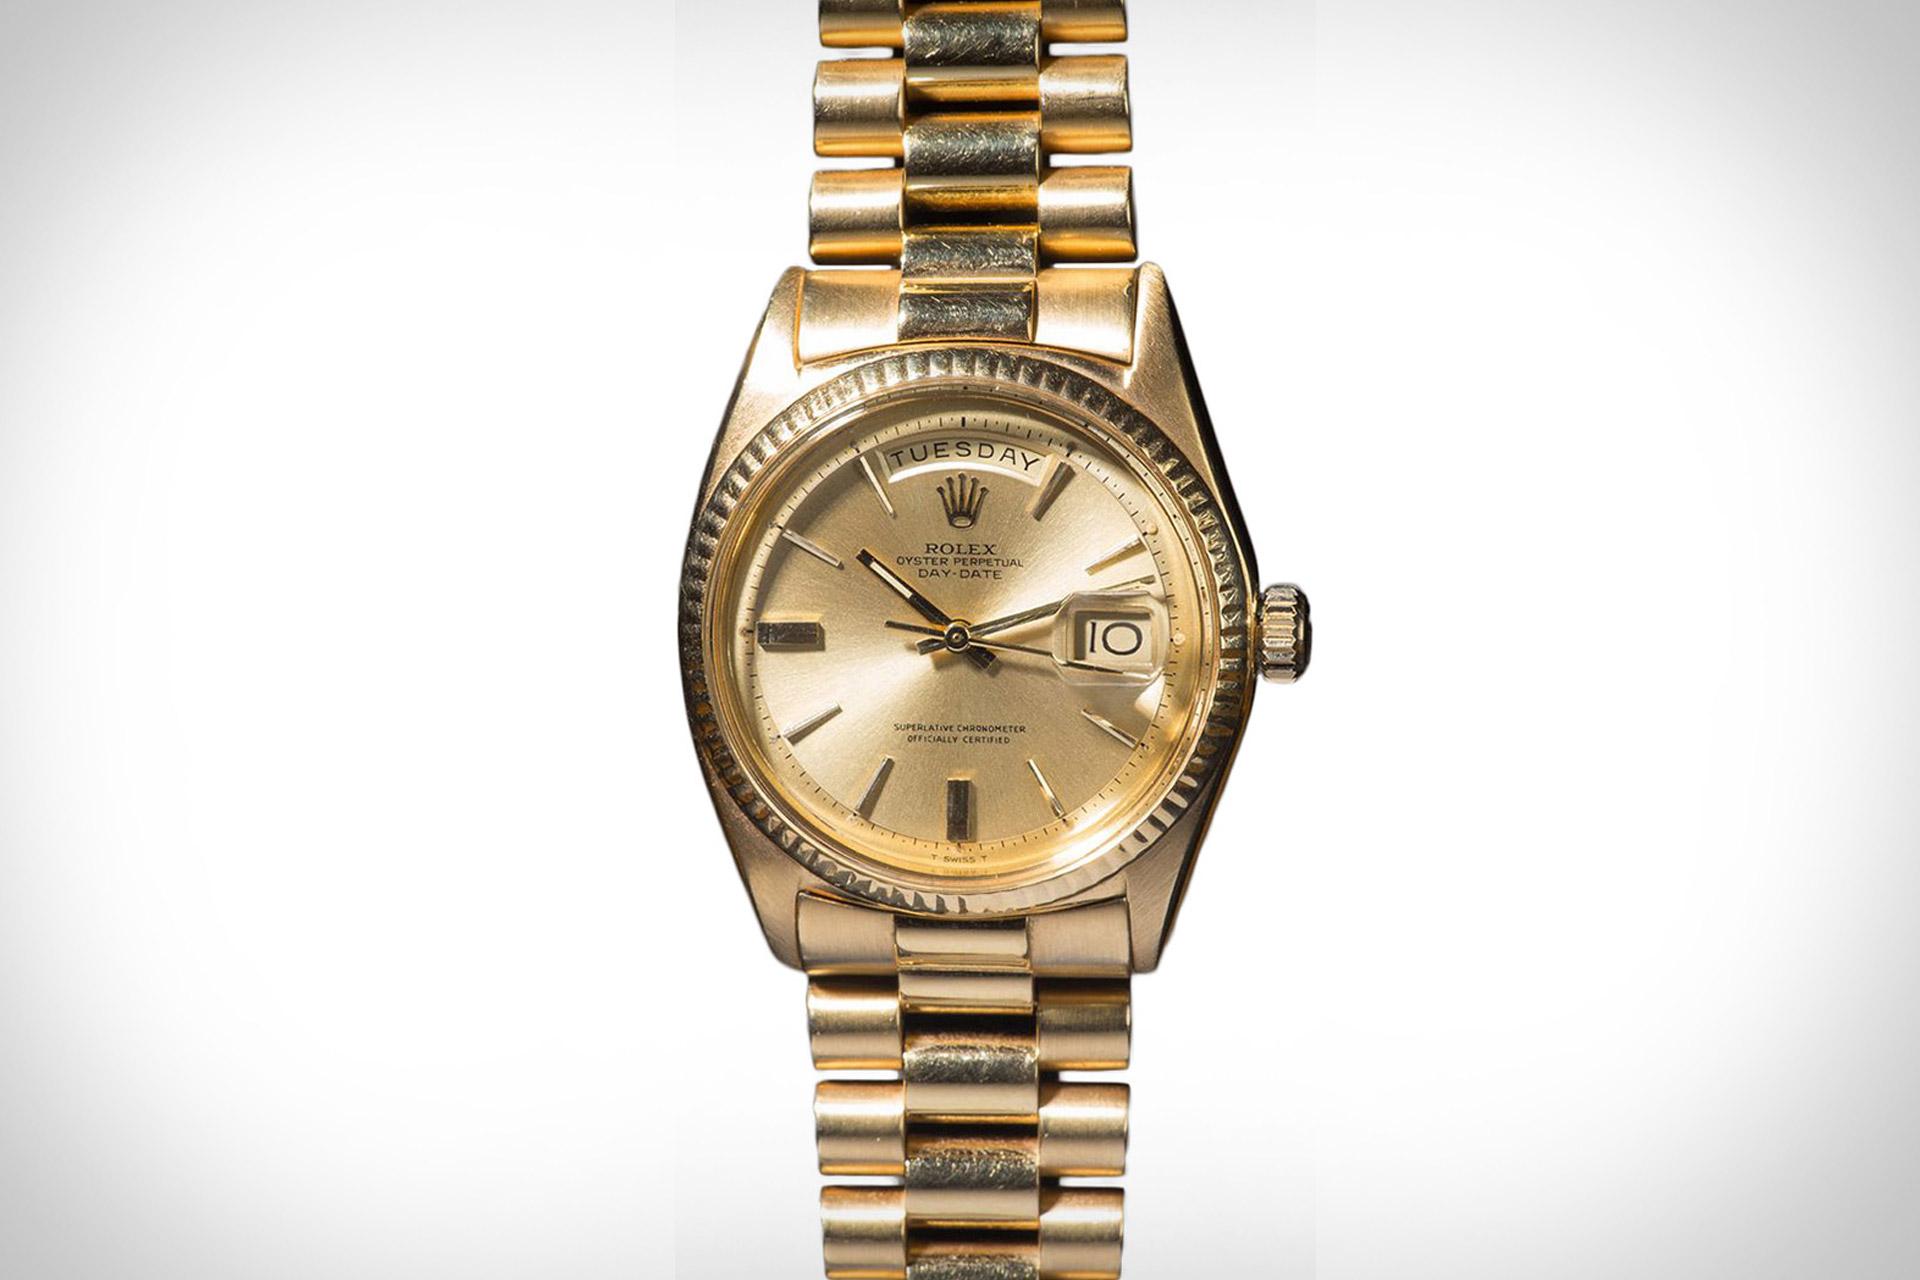 Jack Nicklaus' Rolex Day-Date Watch